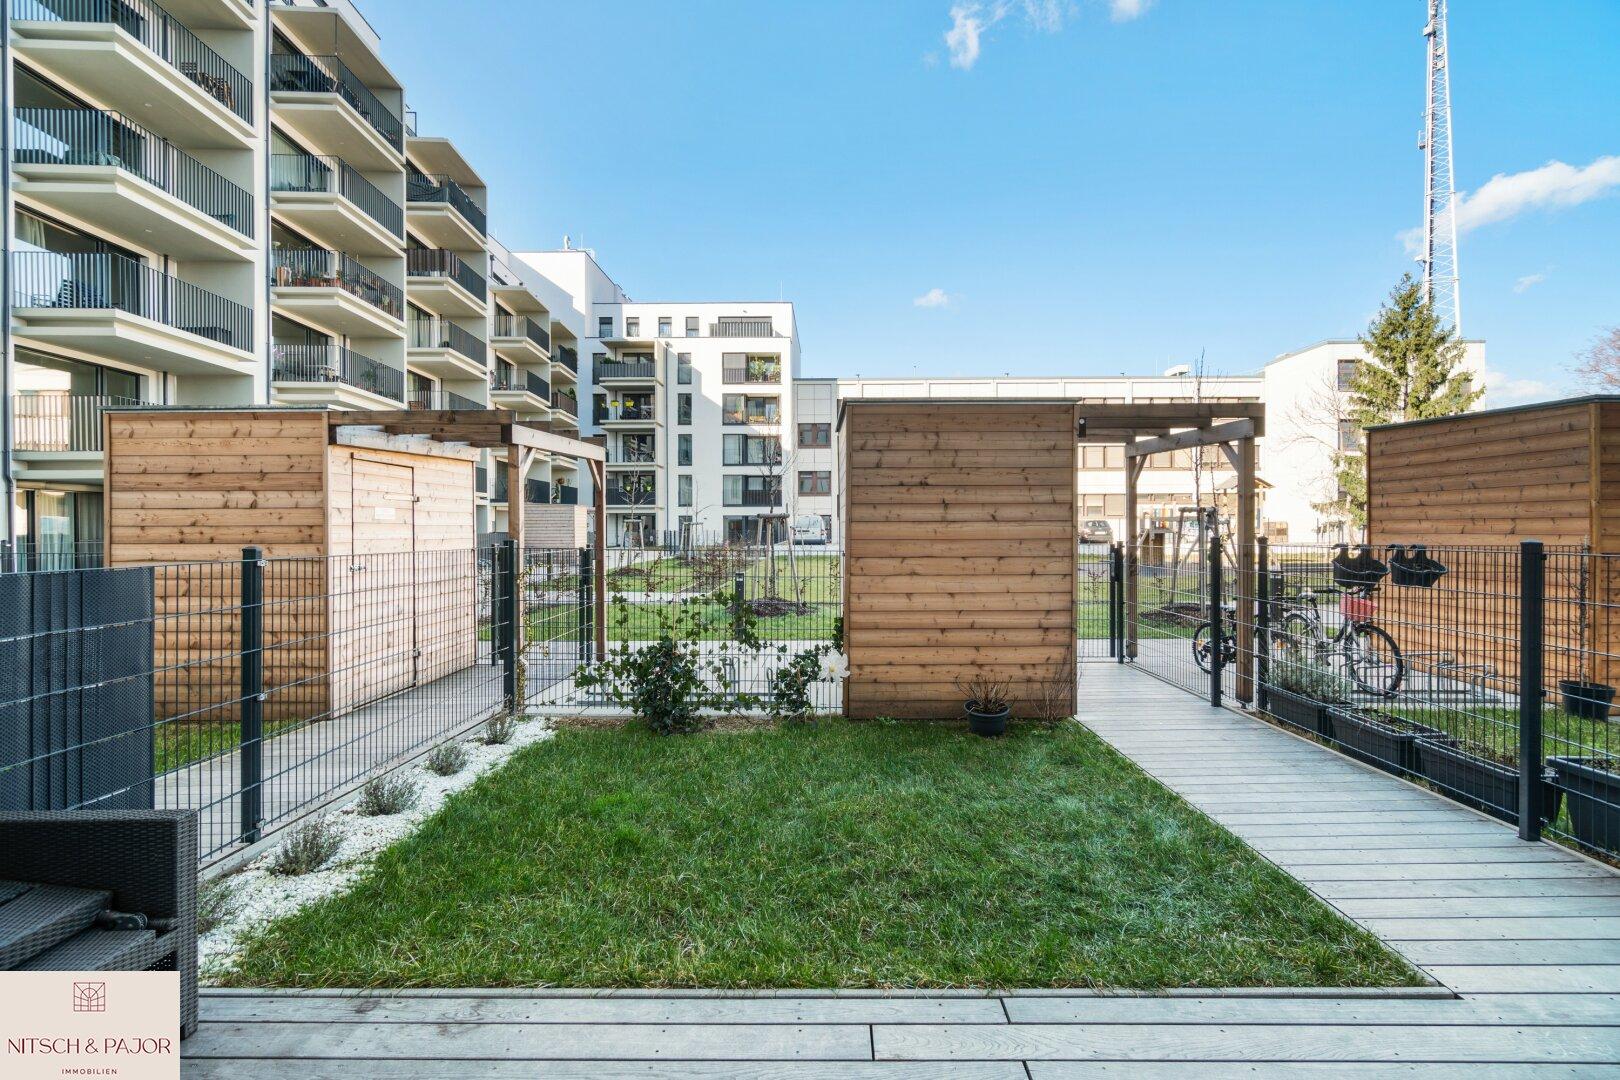 Garten mit Terrasse und Markise